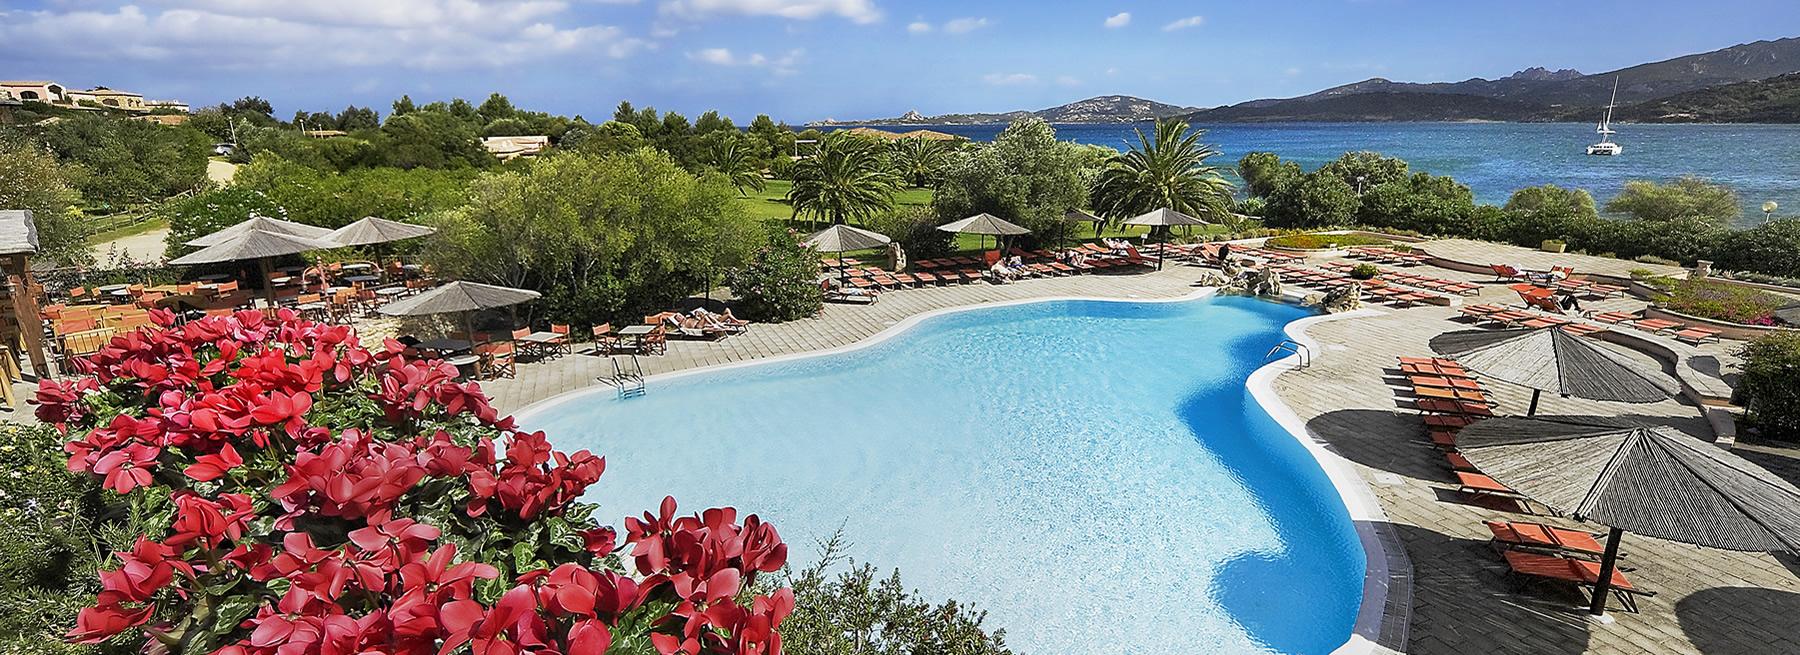 offerte vacanze settembre in sardegna delphina hotels